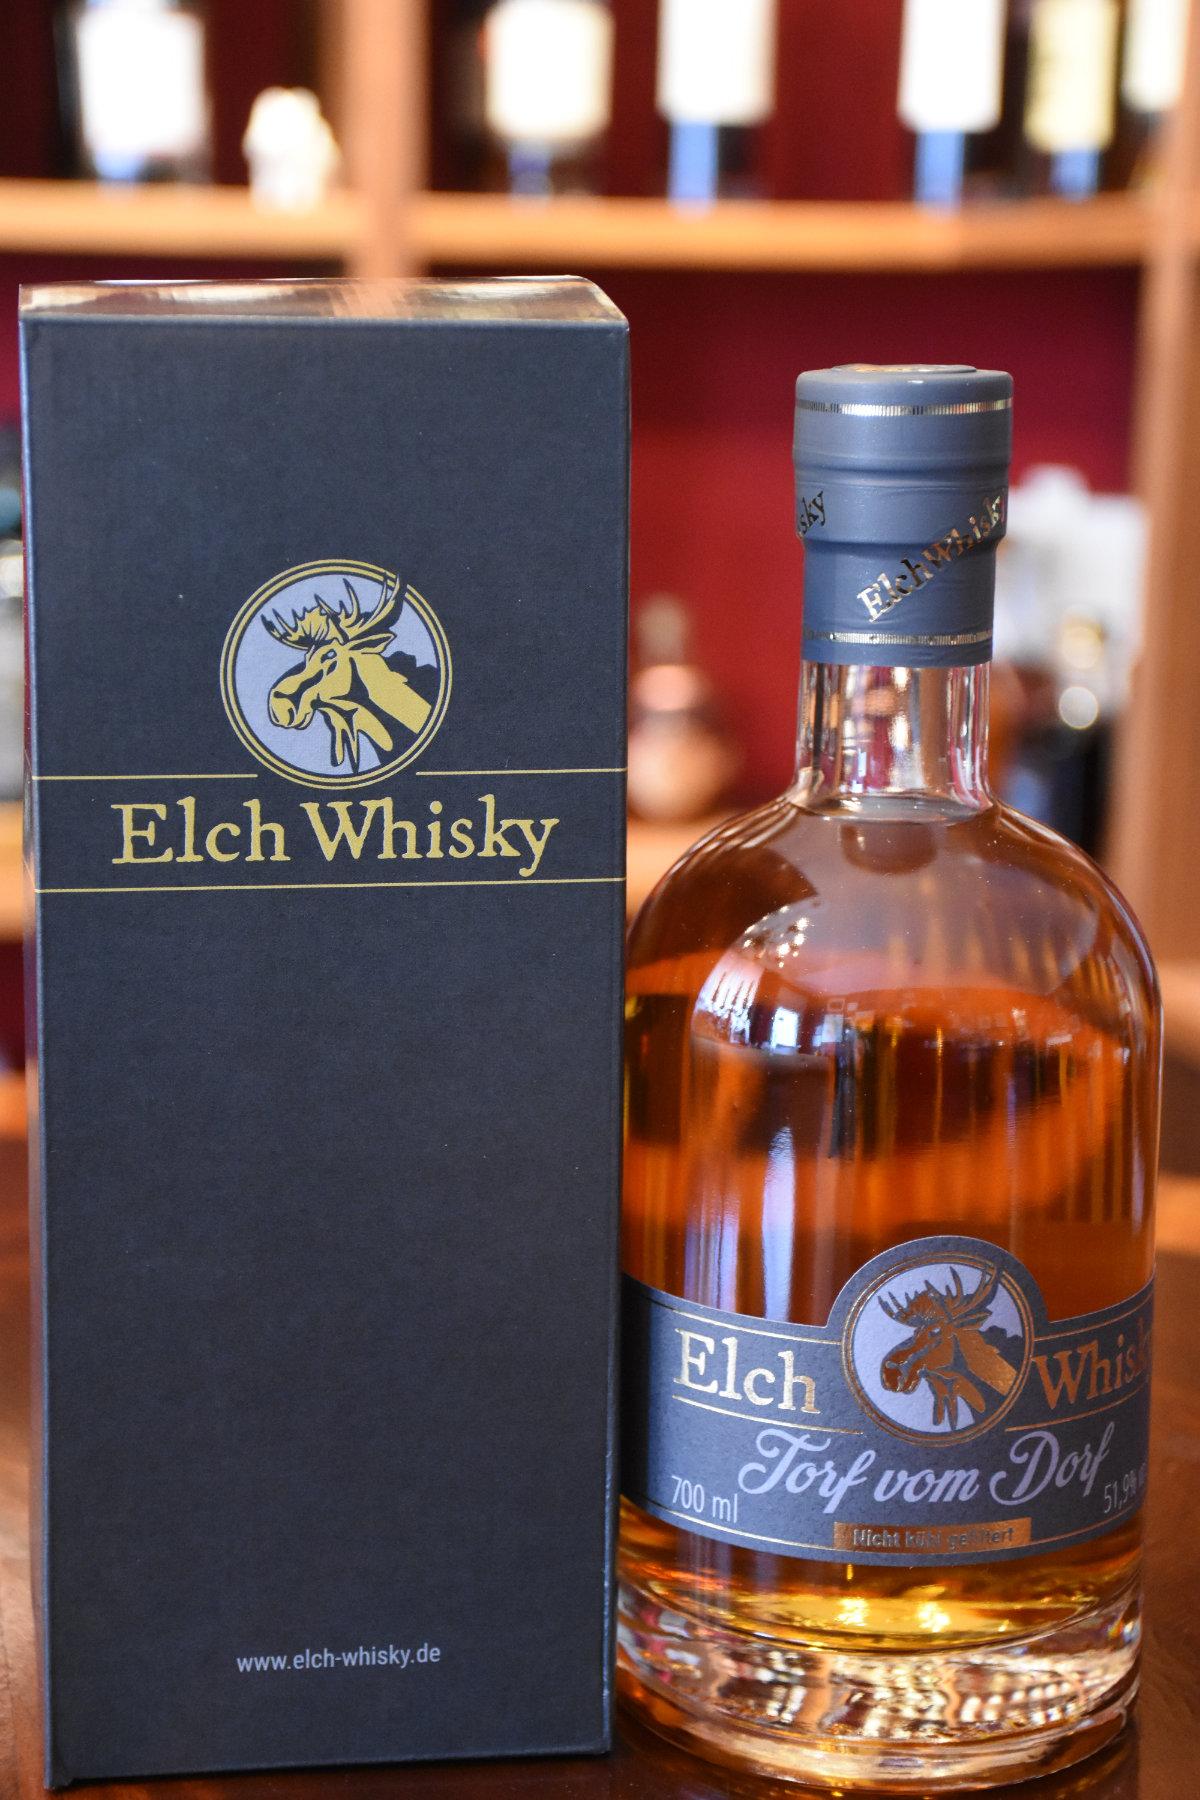 Elch Whisky, Torf vom Dorf Auflage 5,  51,9%